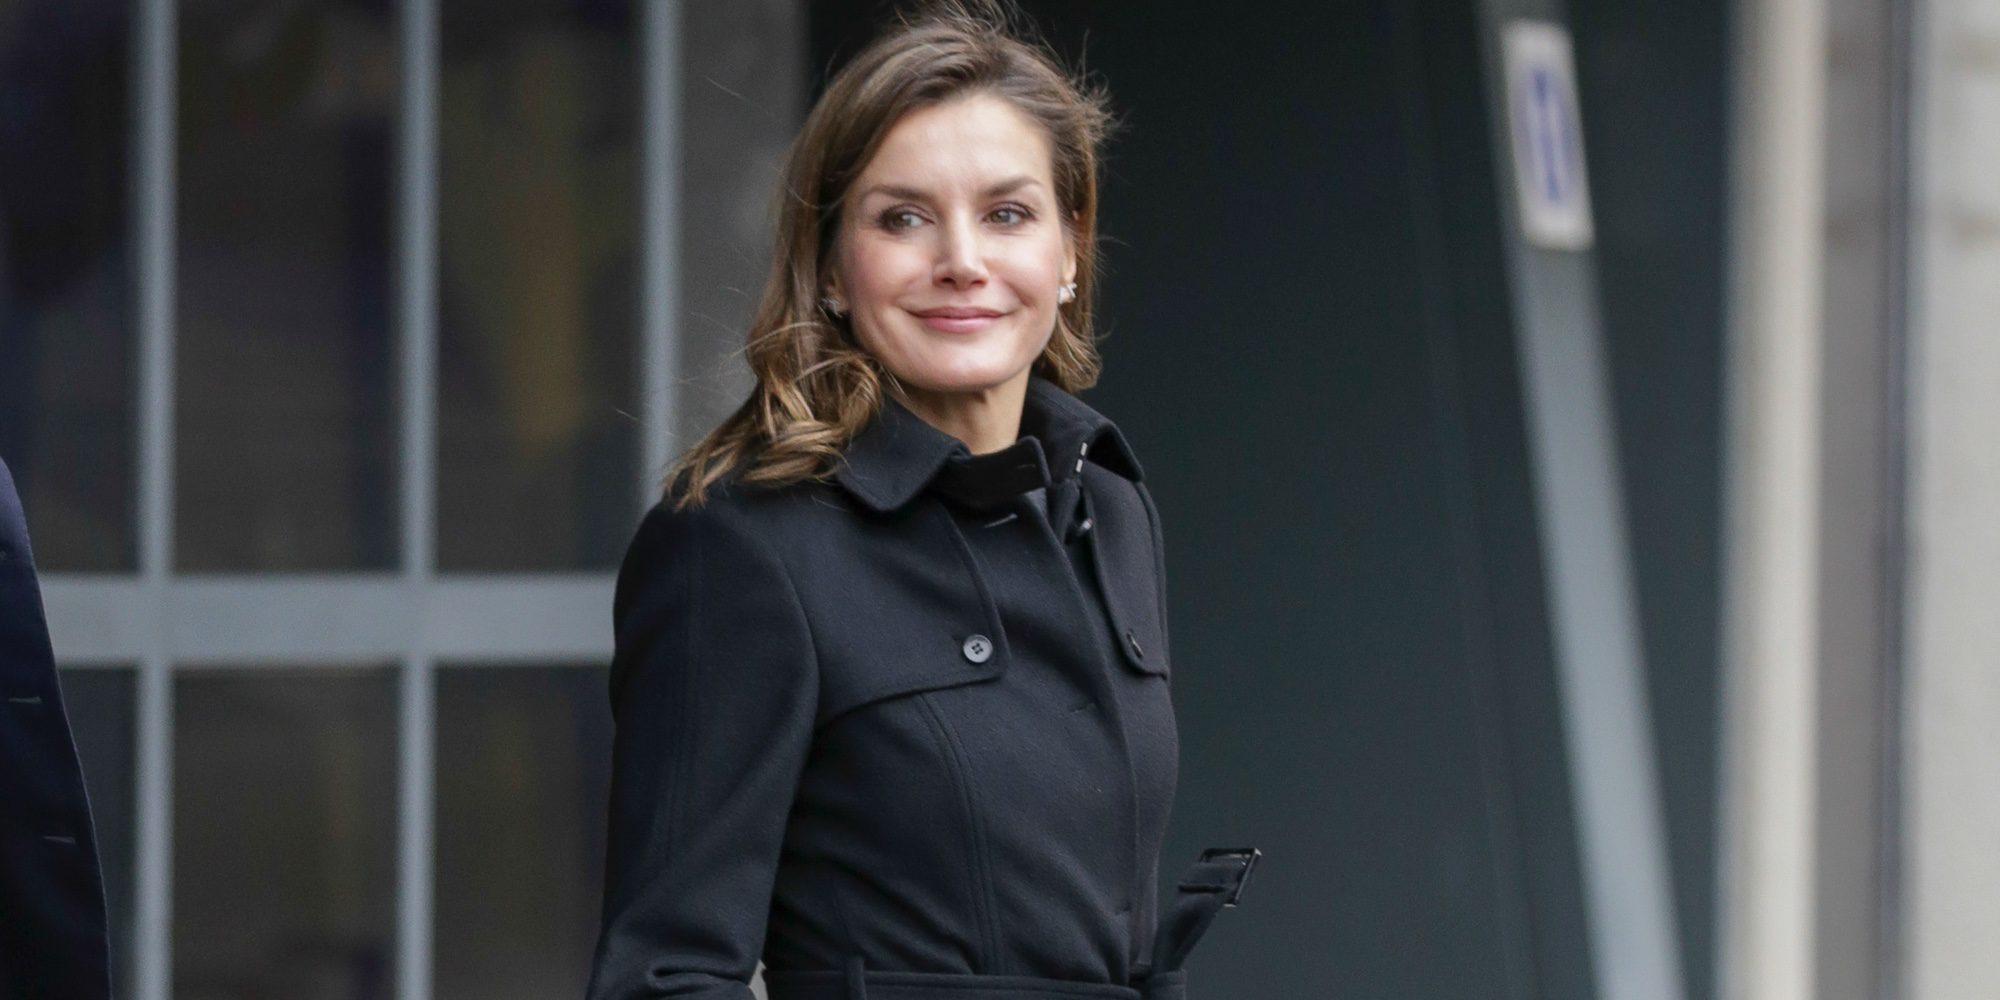 La Reina Letizia, entre un acto oficial recordando su pasado como periodista y una cena con amigas